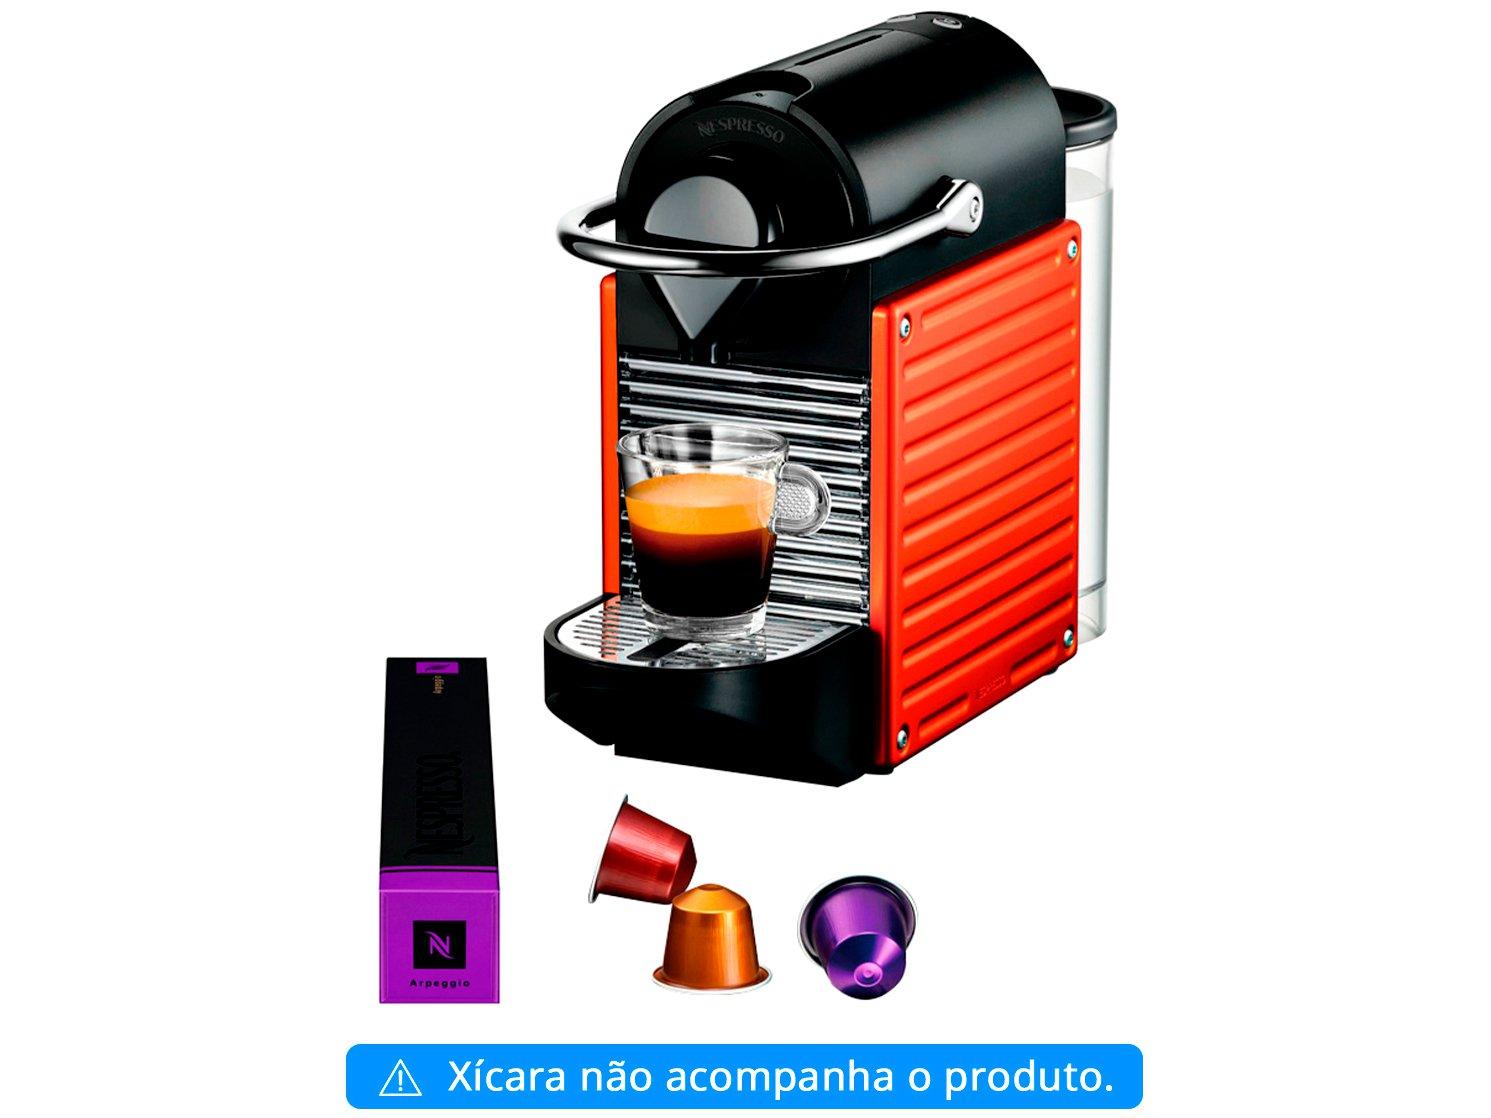 Cafeteira Expresso Pixie Nespresso de Cápsula - Vermelha 19 Bar - 110 V - 3